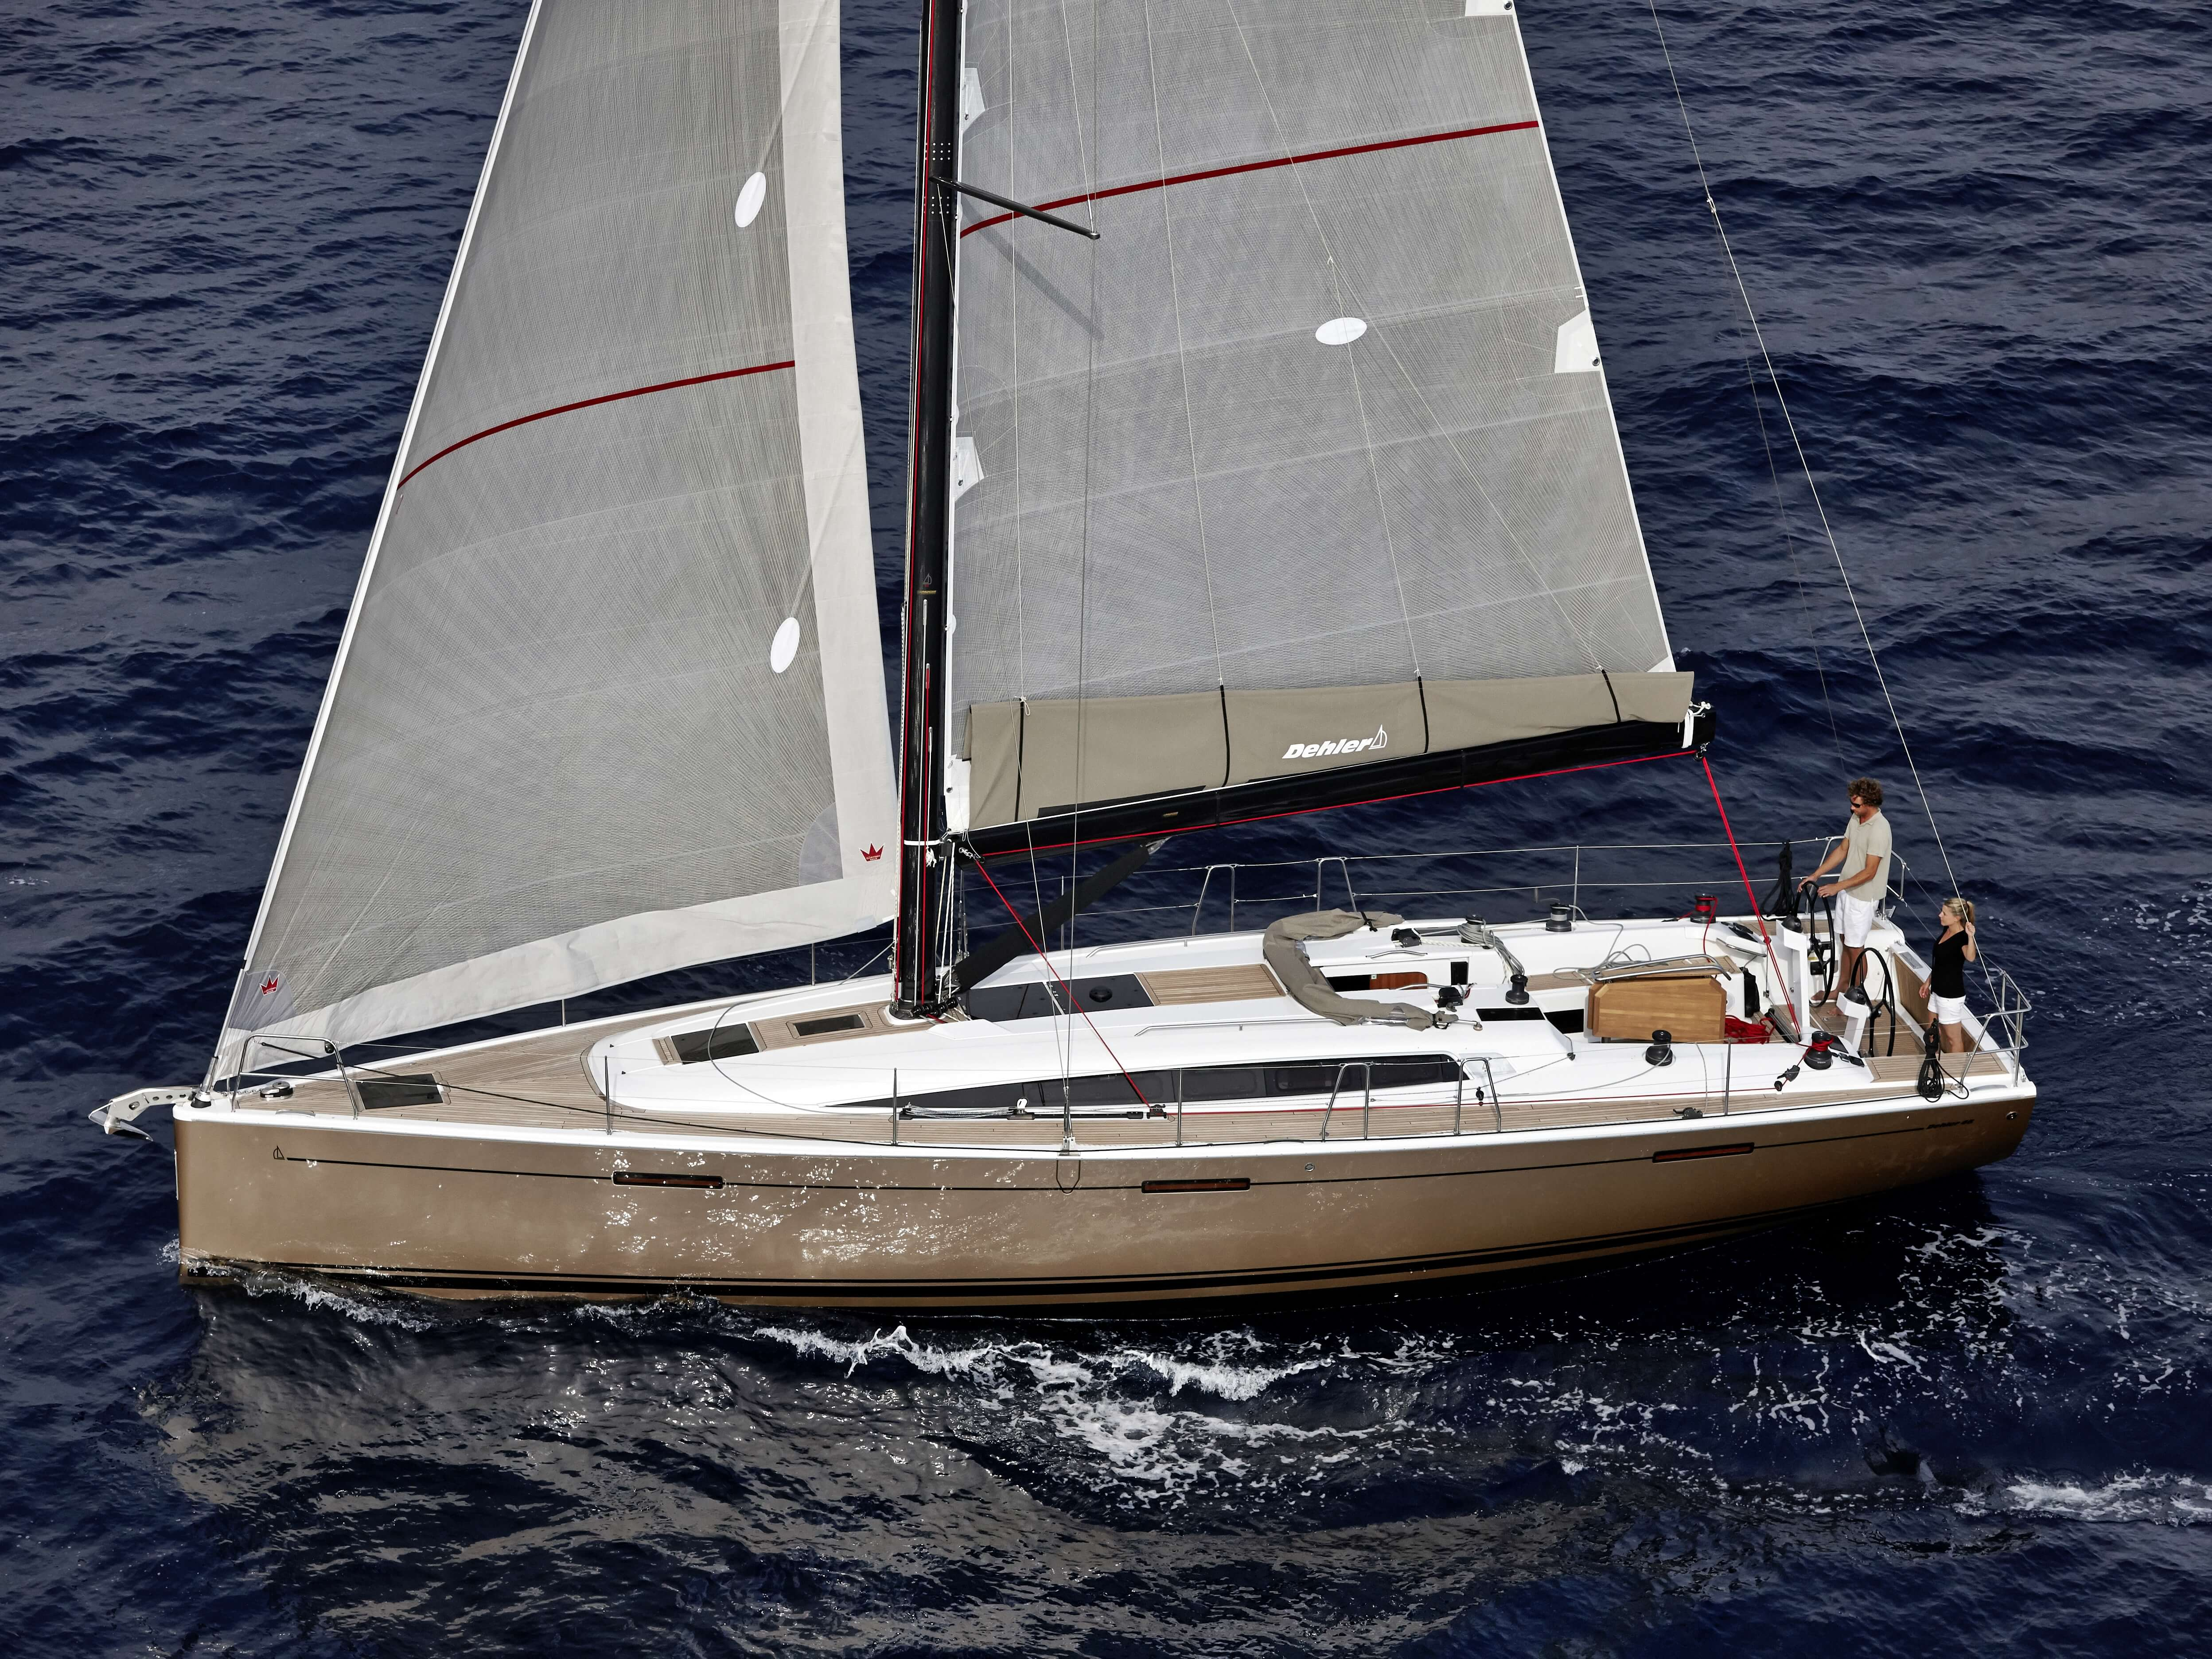 Dehler 46 Esterno ancorato | vela di trinchetto, vela maestra, pozzetto di comando | Dehler